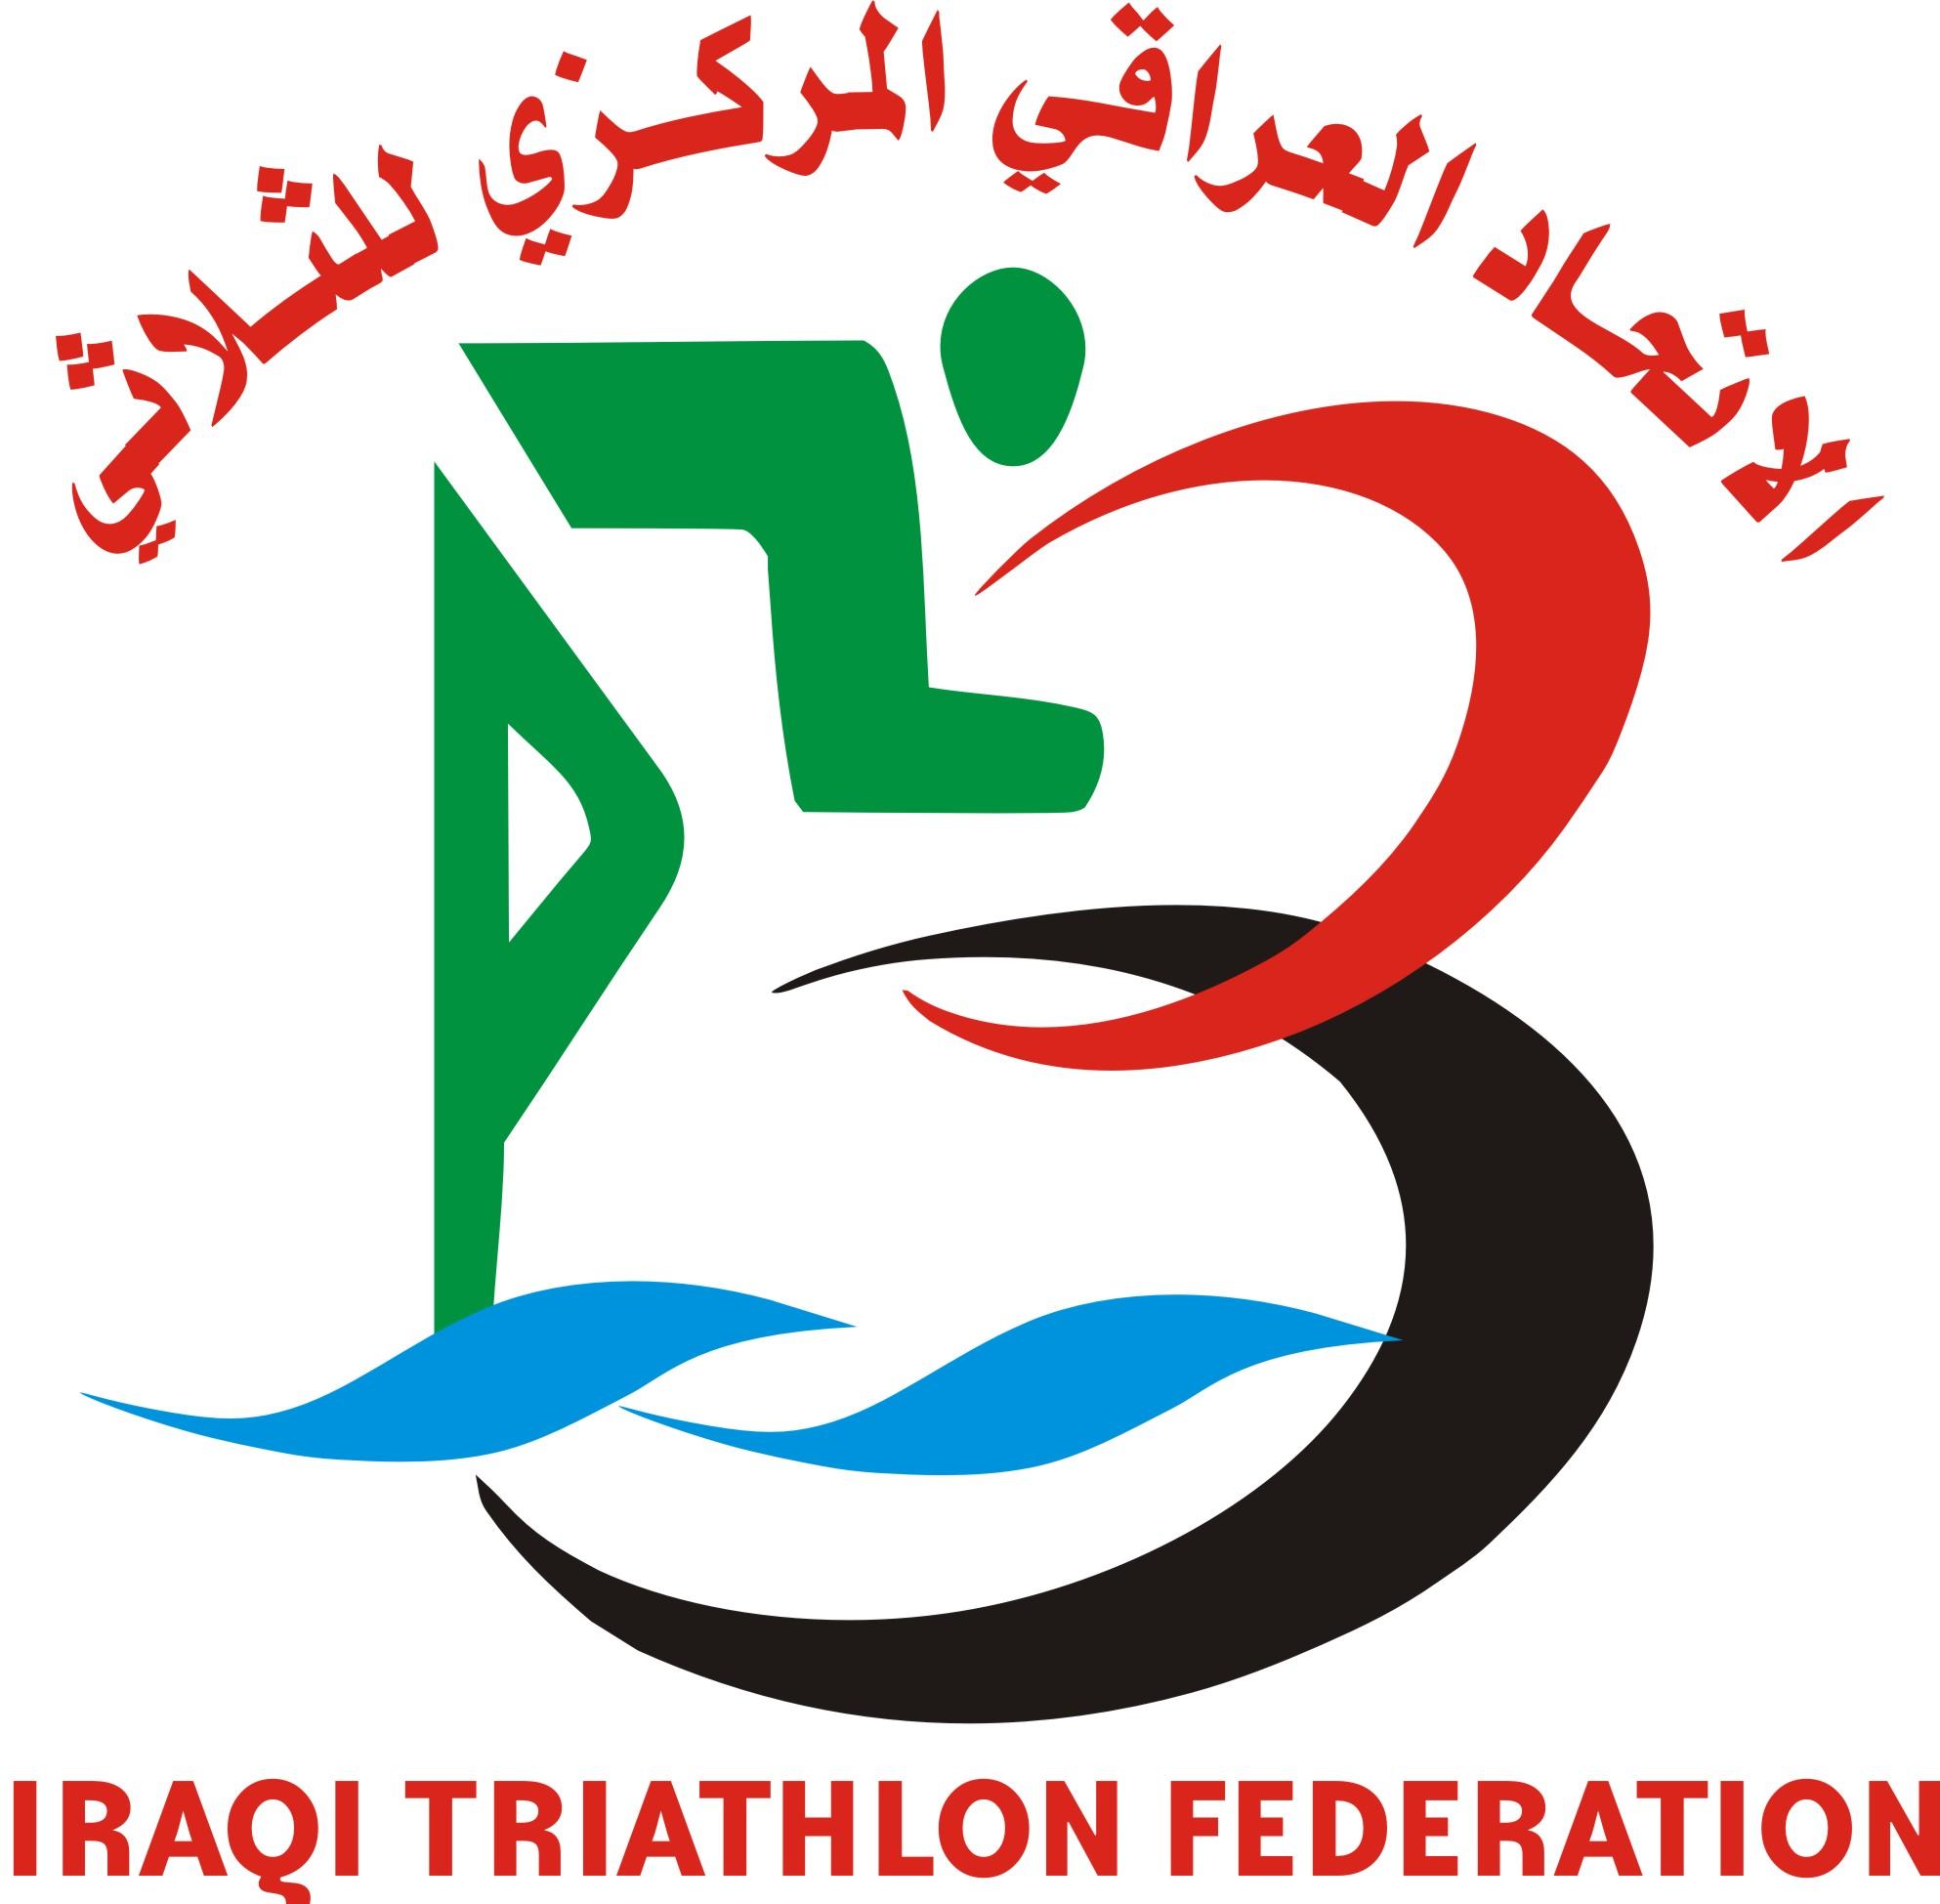 Iraq Triathlon Federation logo